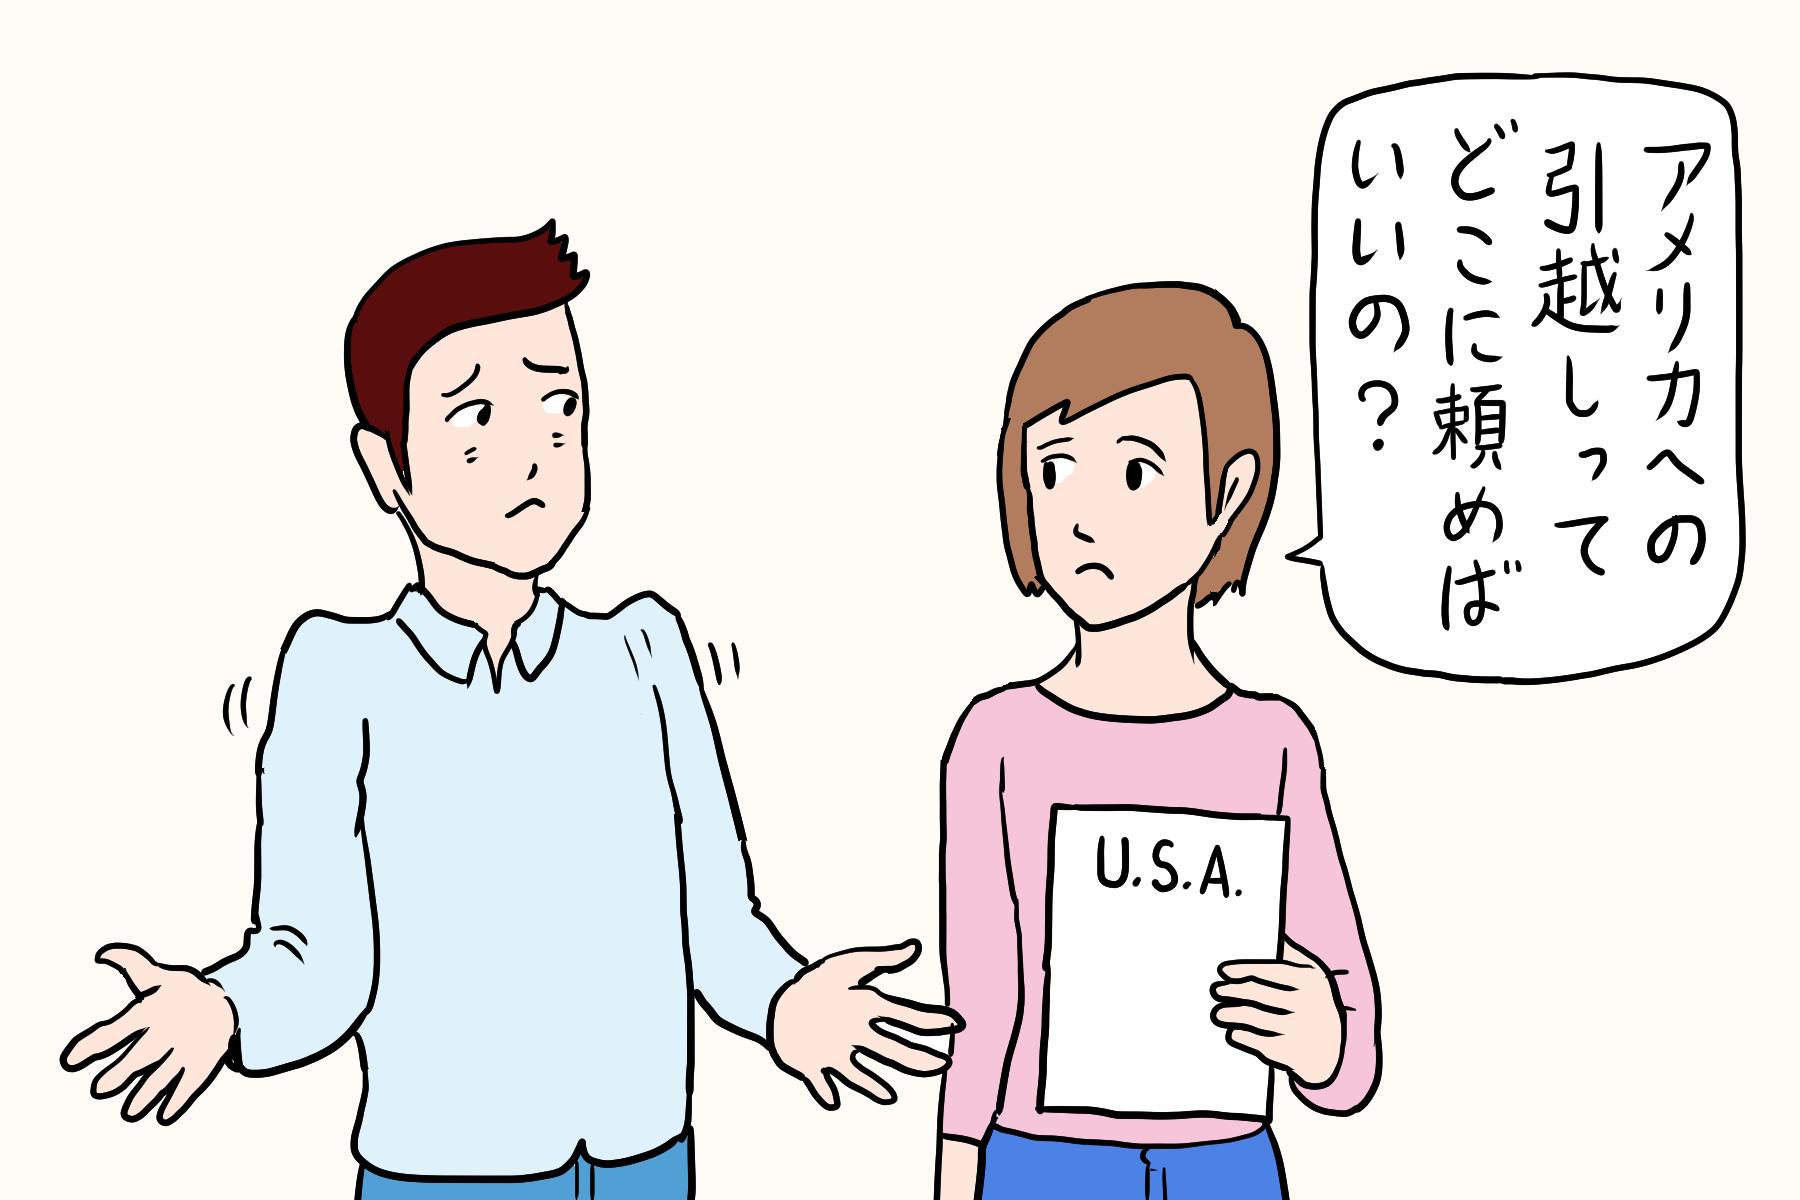 海外への引越のポイント